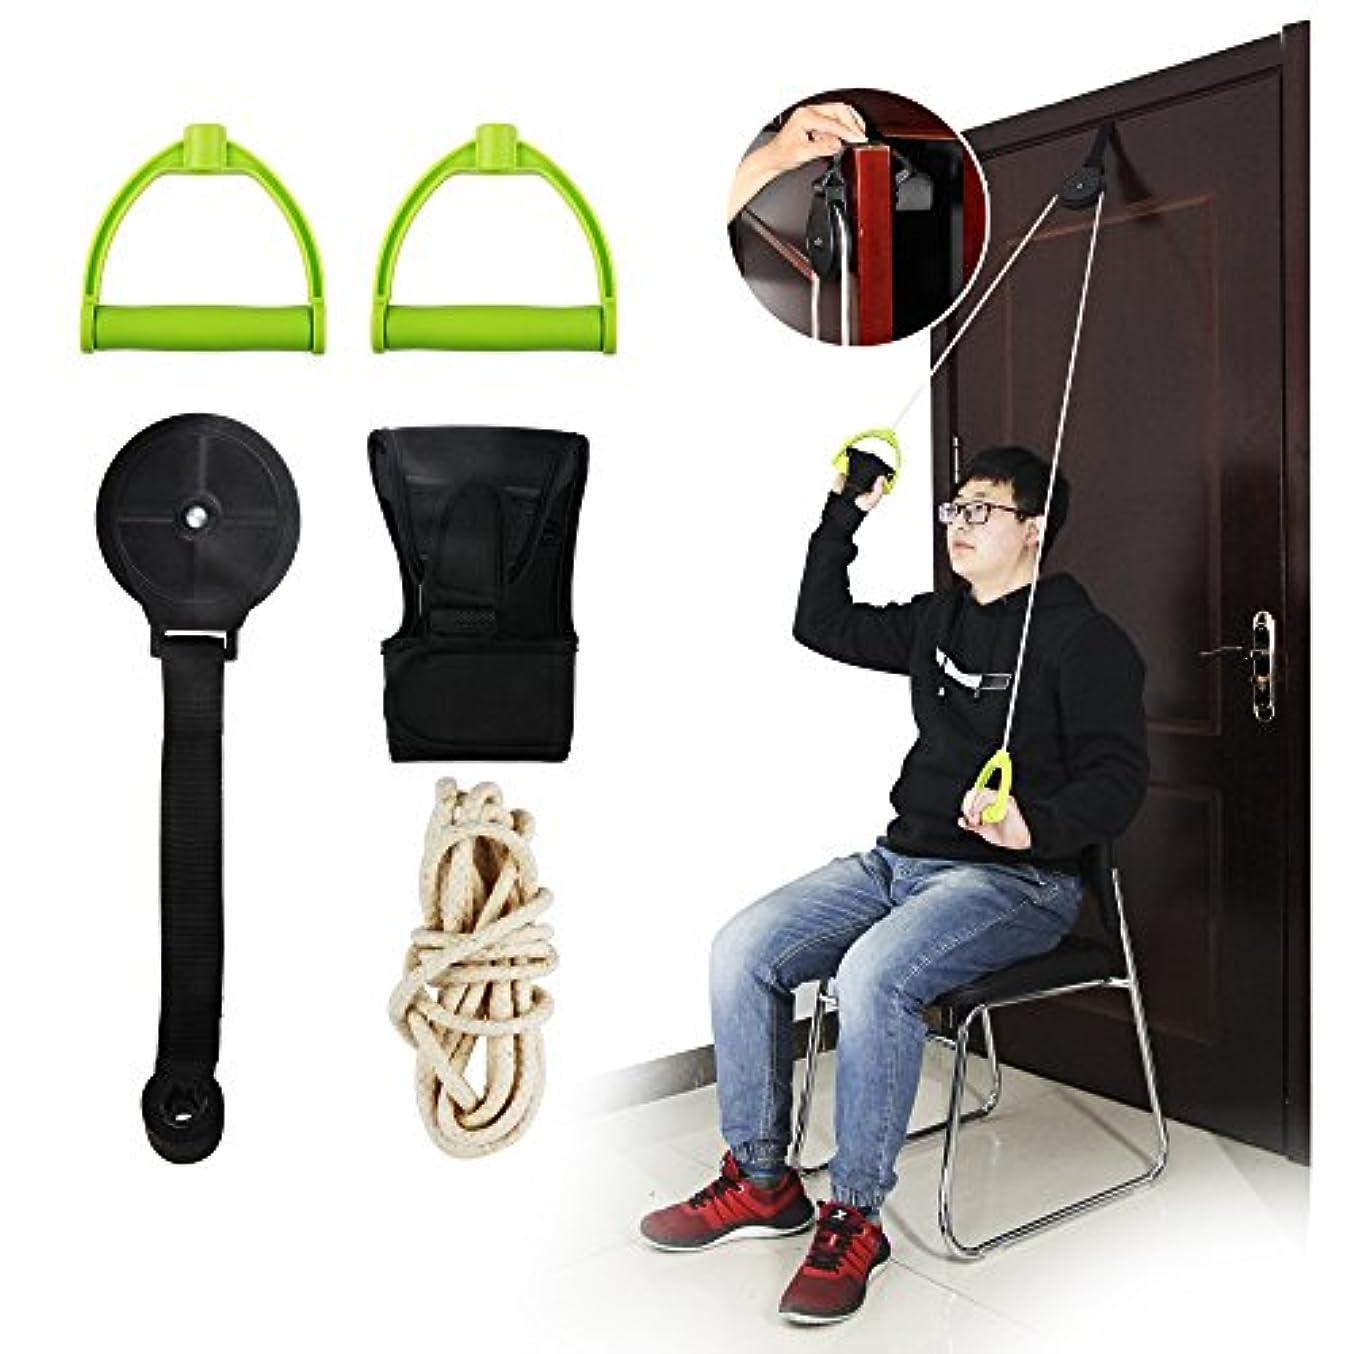 教義電気自己尊重REAQER 家庭用 肩のリハビリ機器 滑車訓練機 肩甲骨ストレッチャー 肩を大きく動かすエクササイズ